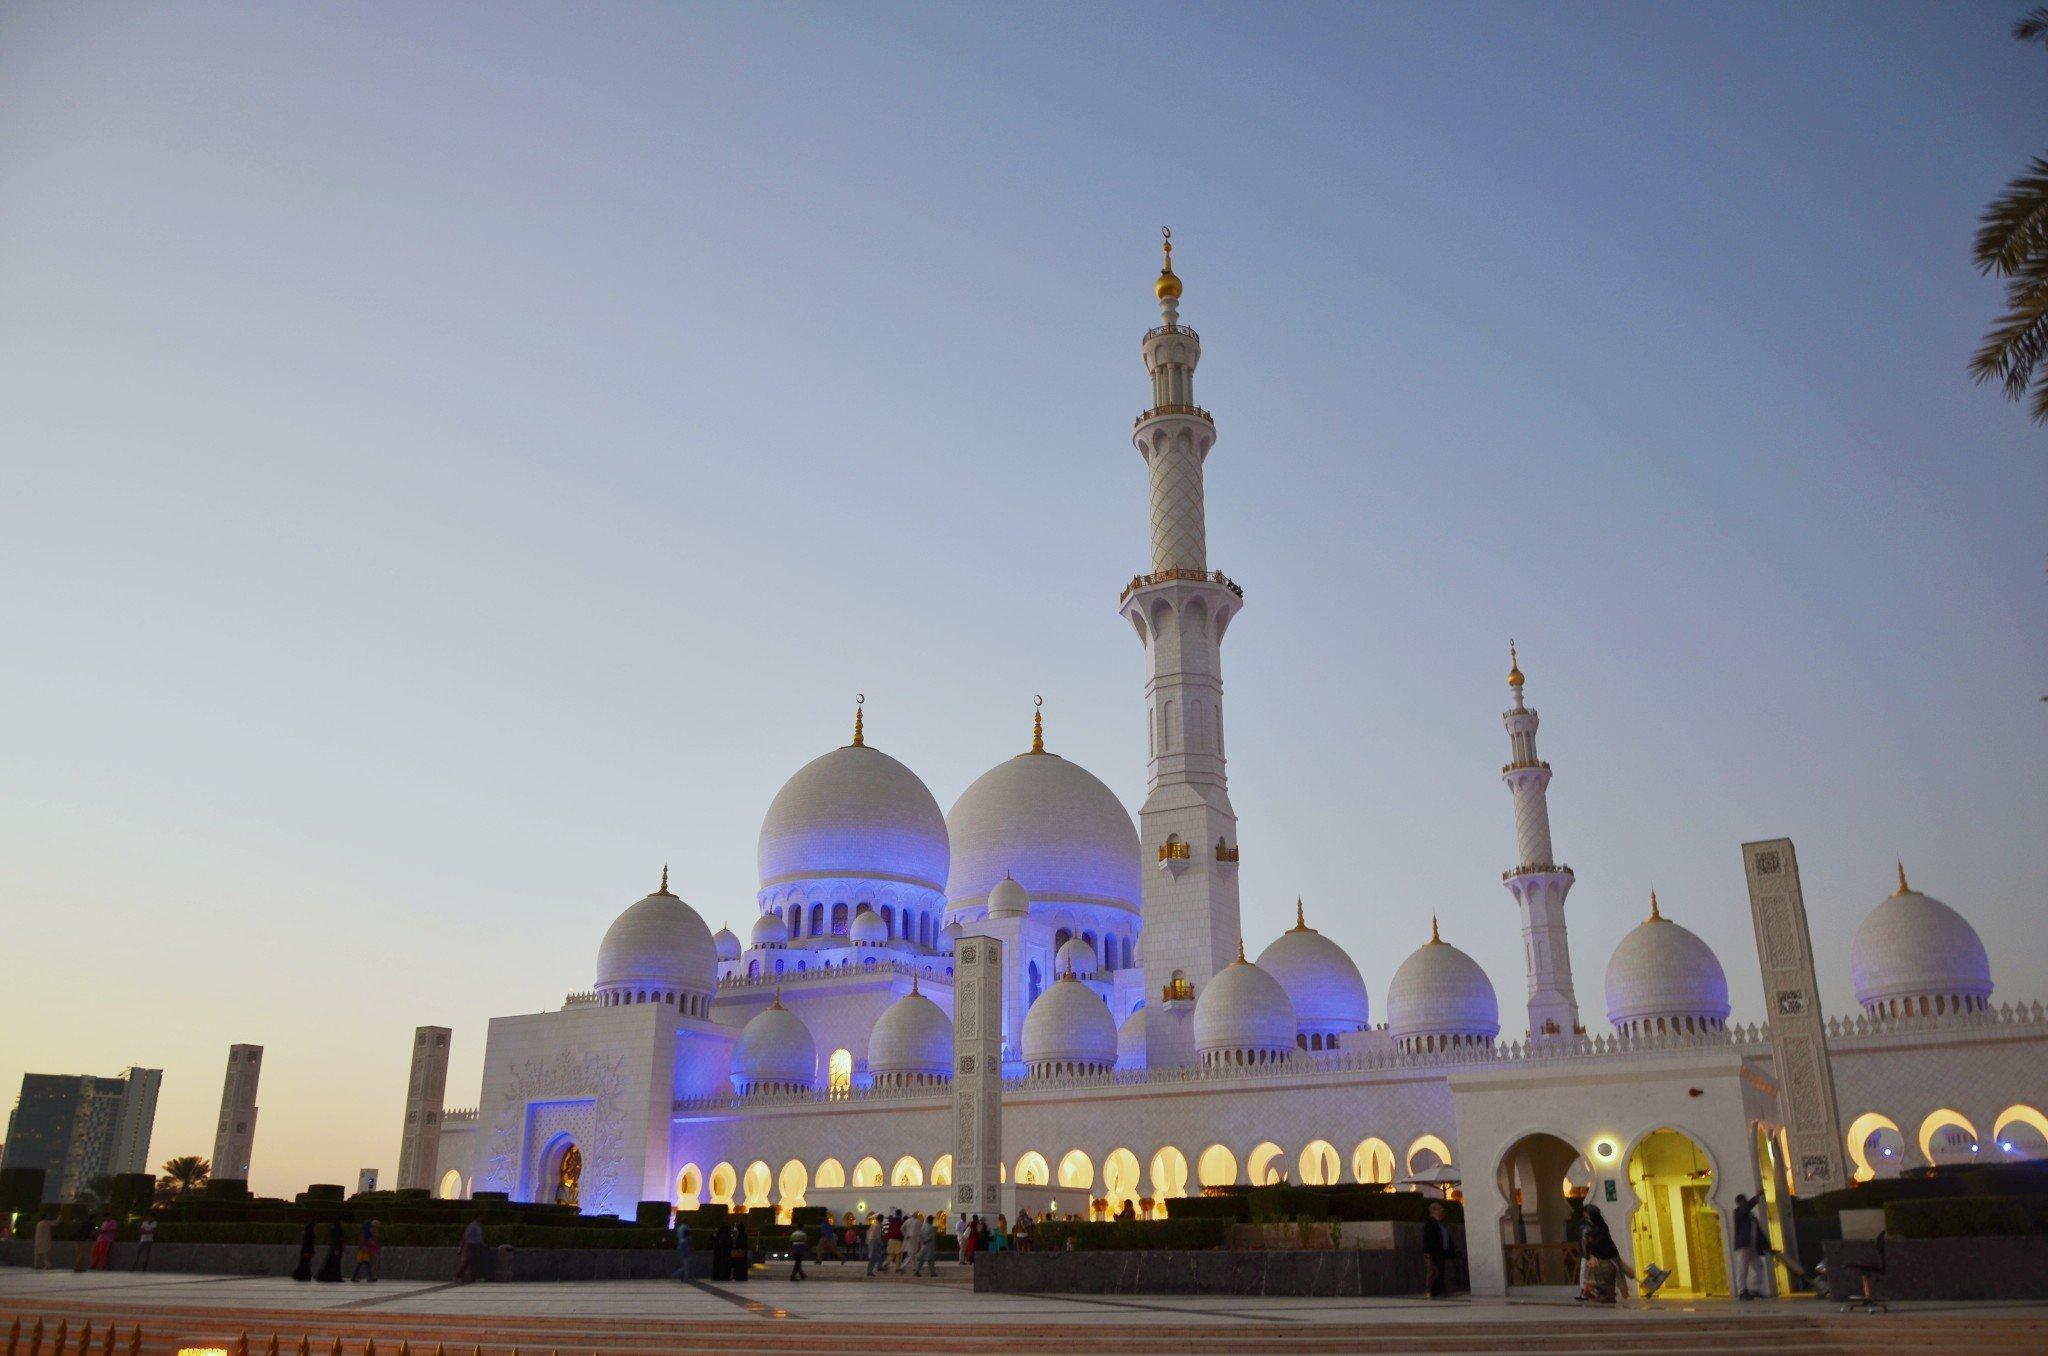 集齐7个世界之最,不寻常的壕享受——迪拜,阿布扎比中东之旅【开眼界】